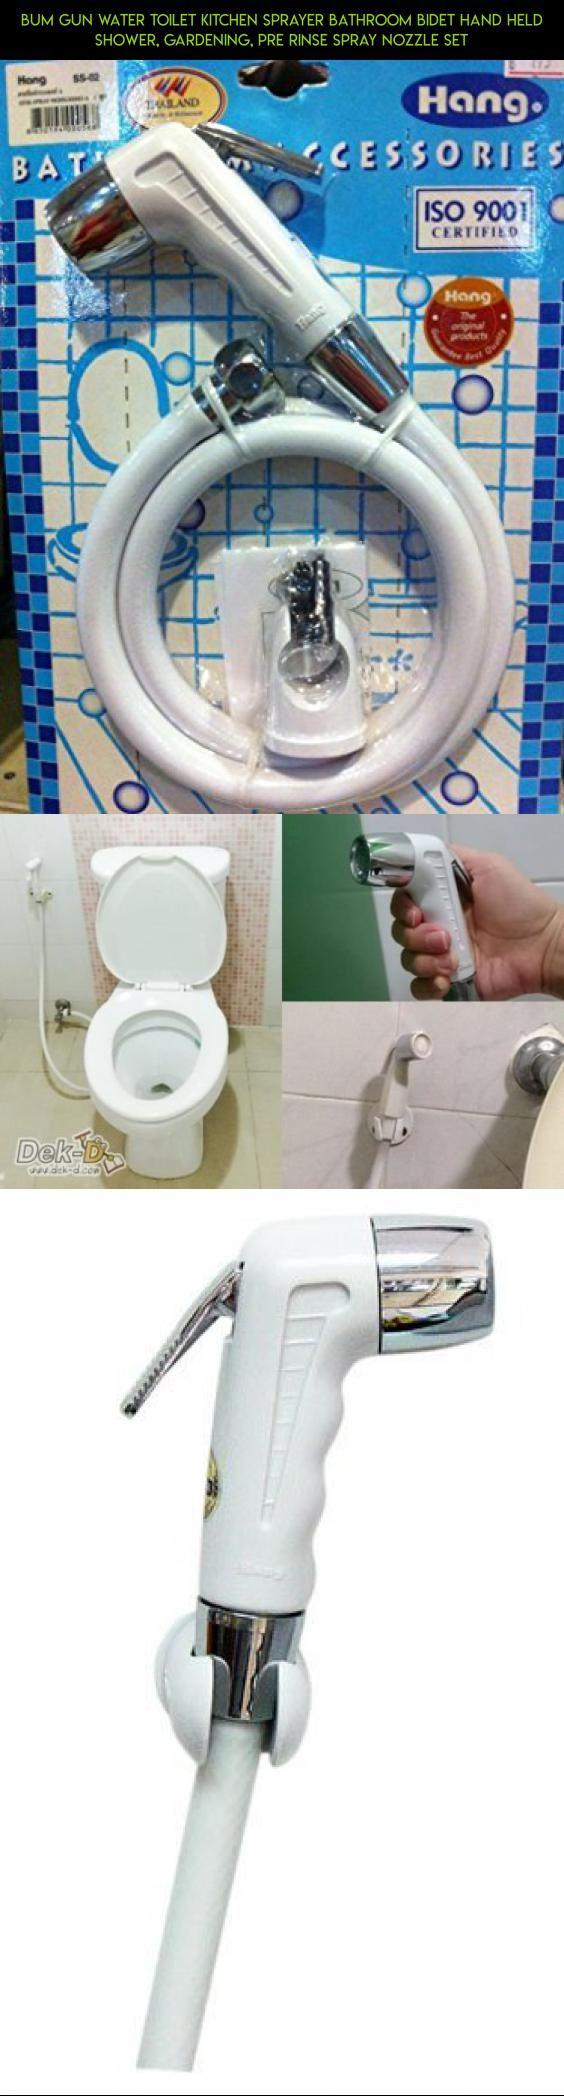 Bum Gun Water Toilet Kitchen Sprayer Bathroom Bidet Hand Held Shower   Gardening  Pre Rinse. Best 25  Bidet and toilet parts ideas on Pinterest   Showers